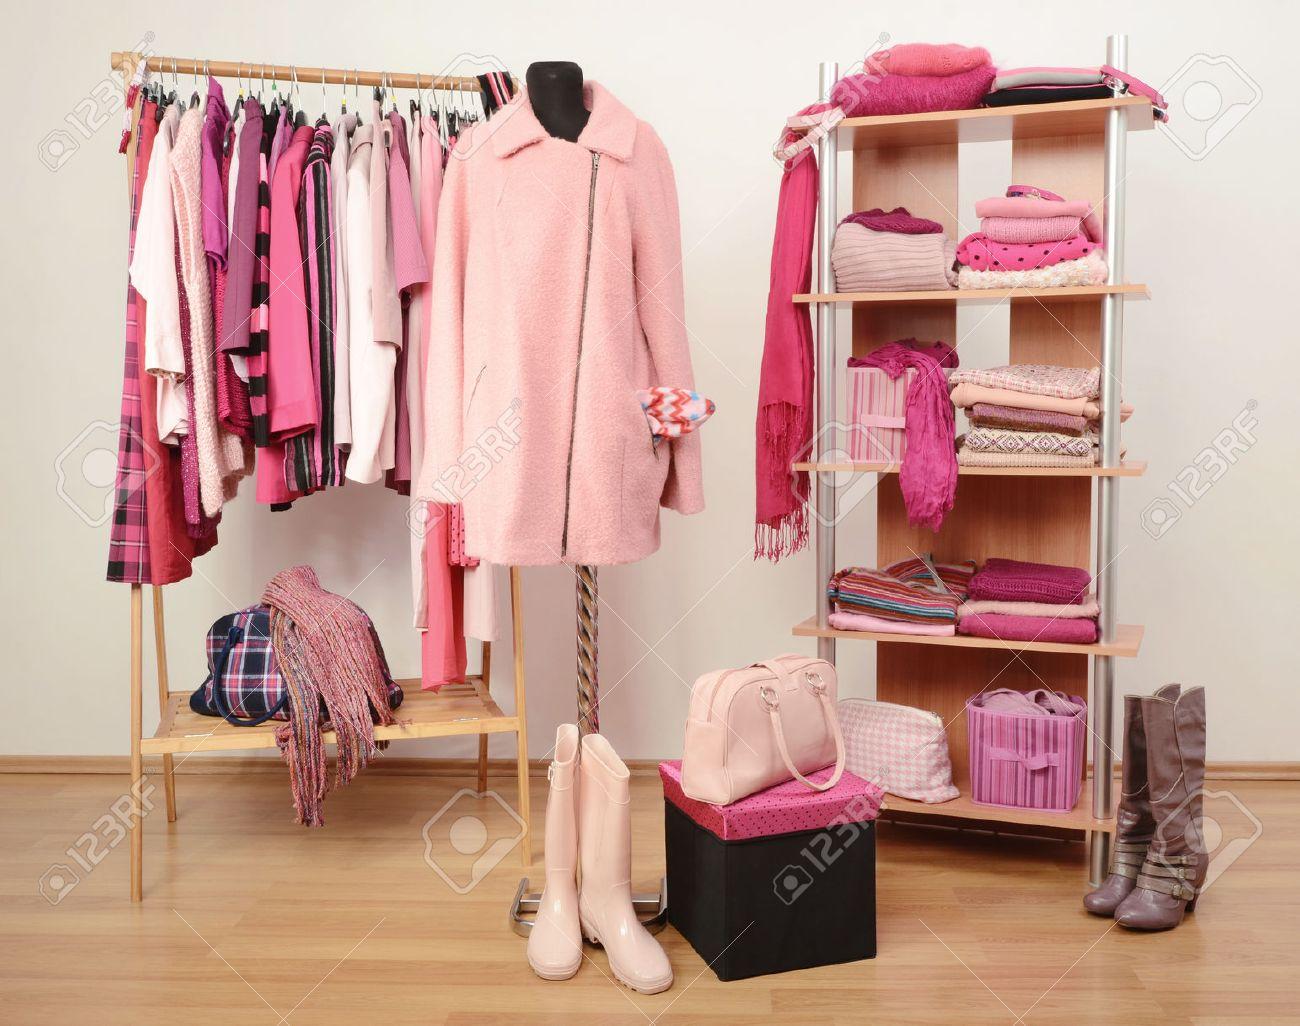 vestir armario con ropa de color rosa dispuestas sobre perchas y estantes un abrigo en